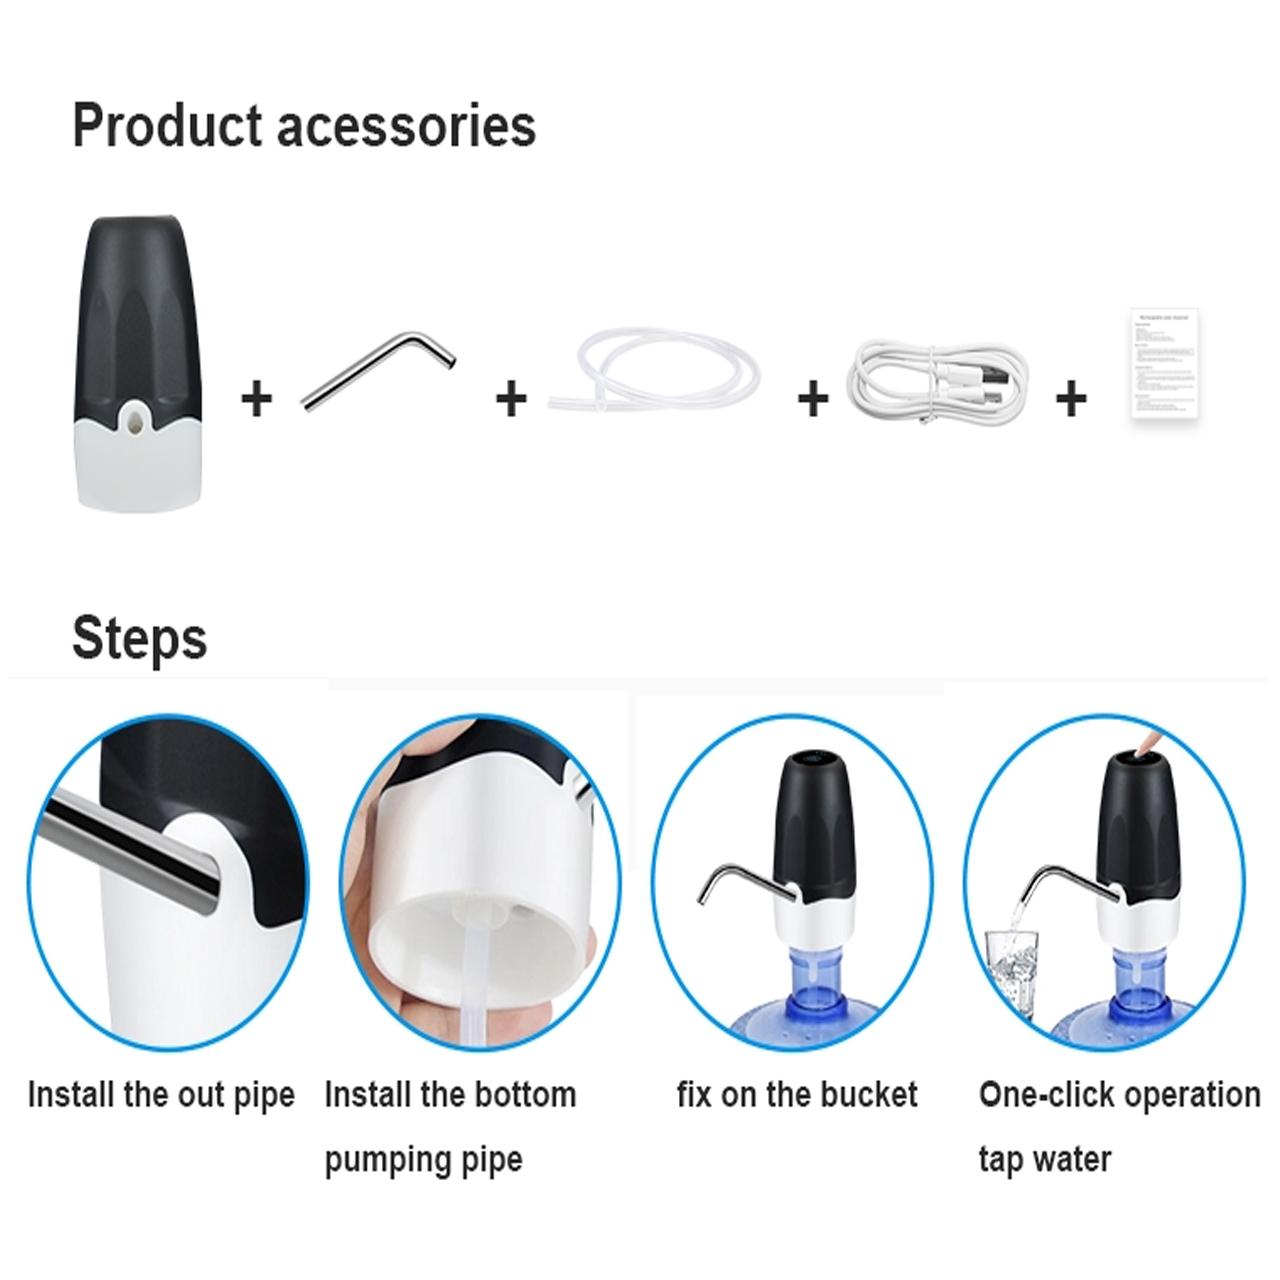 پمپ آب برقی کیو وای اچ مدل نشان دار محصول بانو مد Products